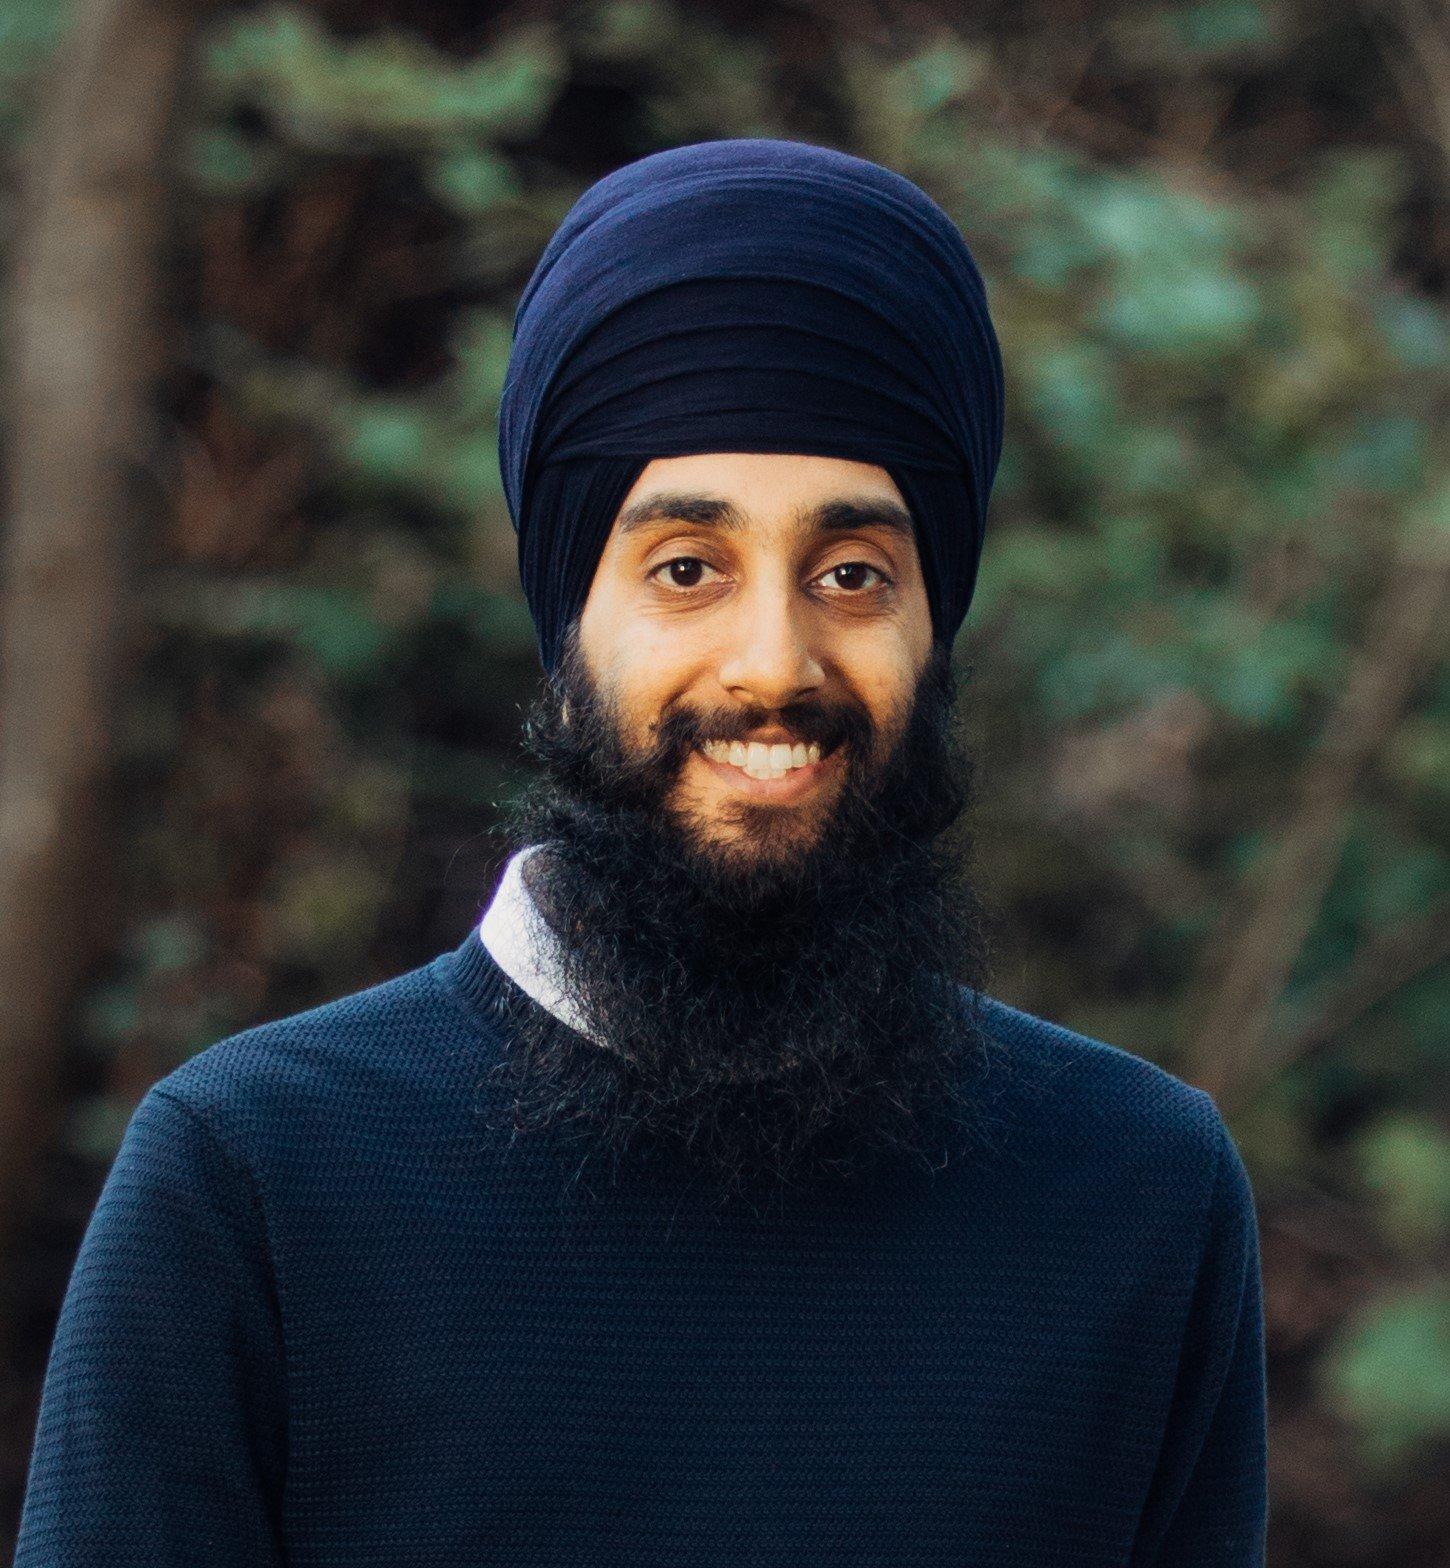 Parmvir Singh Boparai